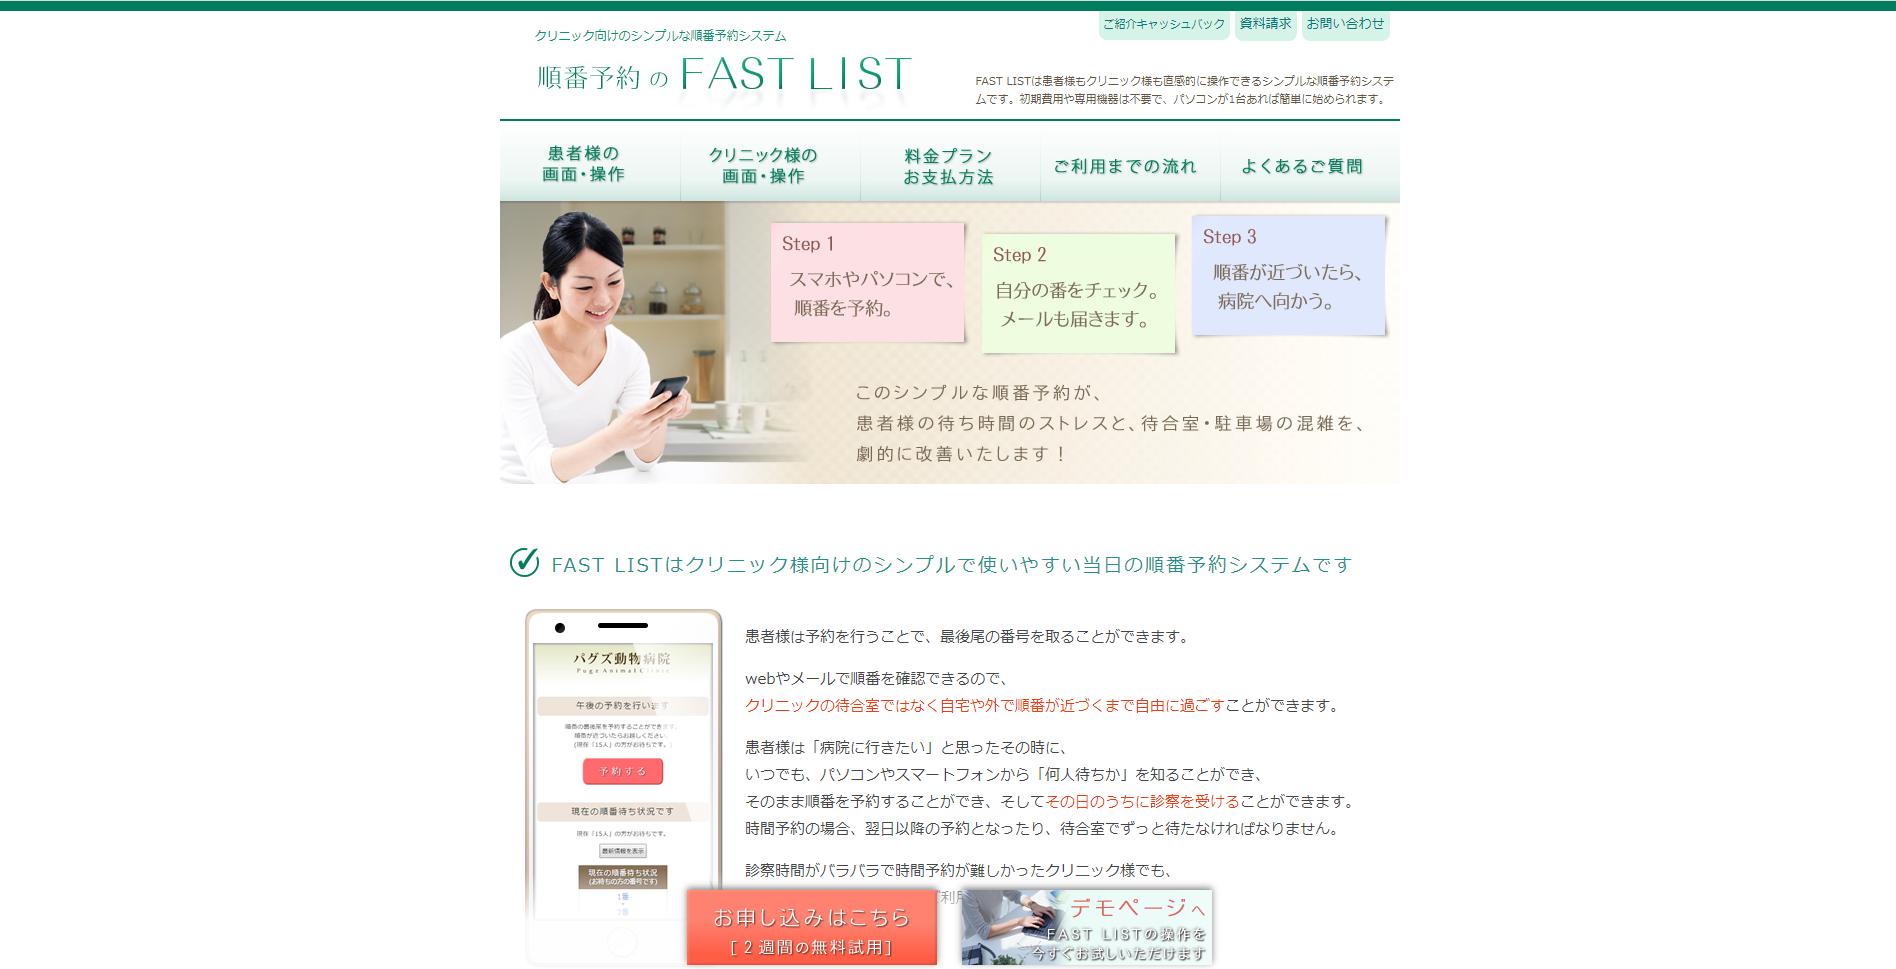 fastlist